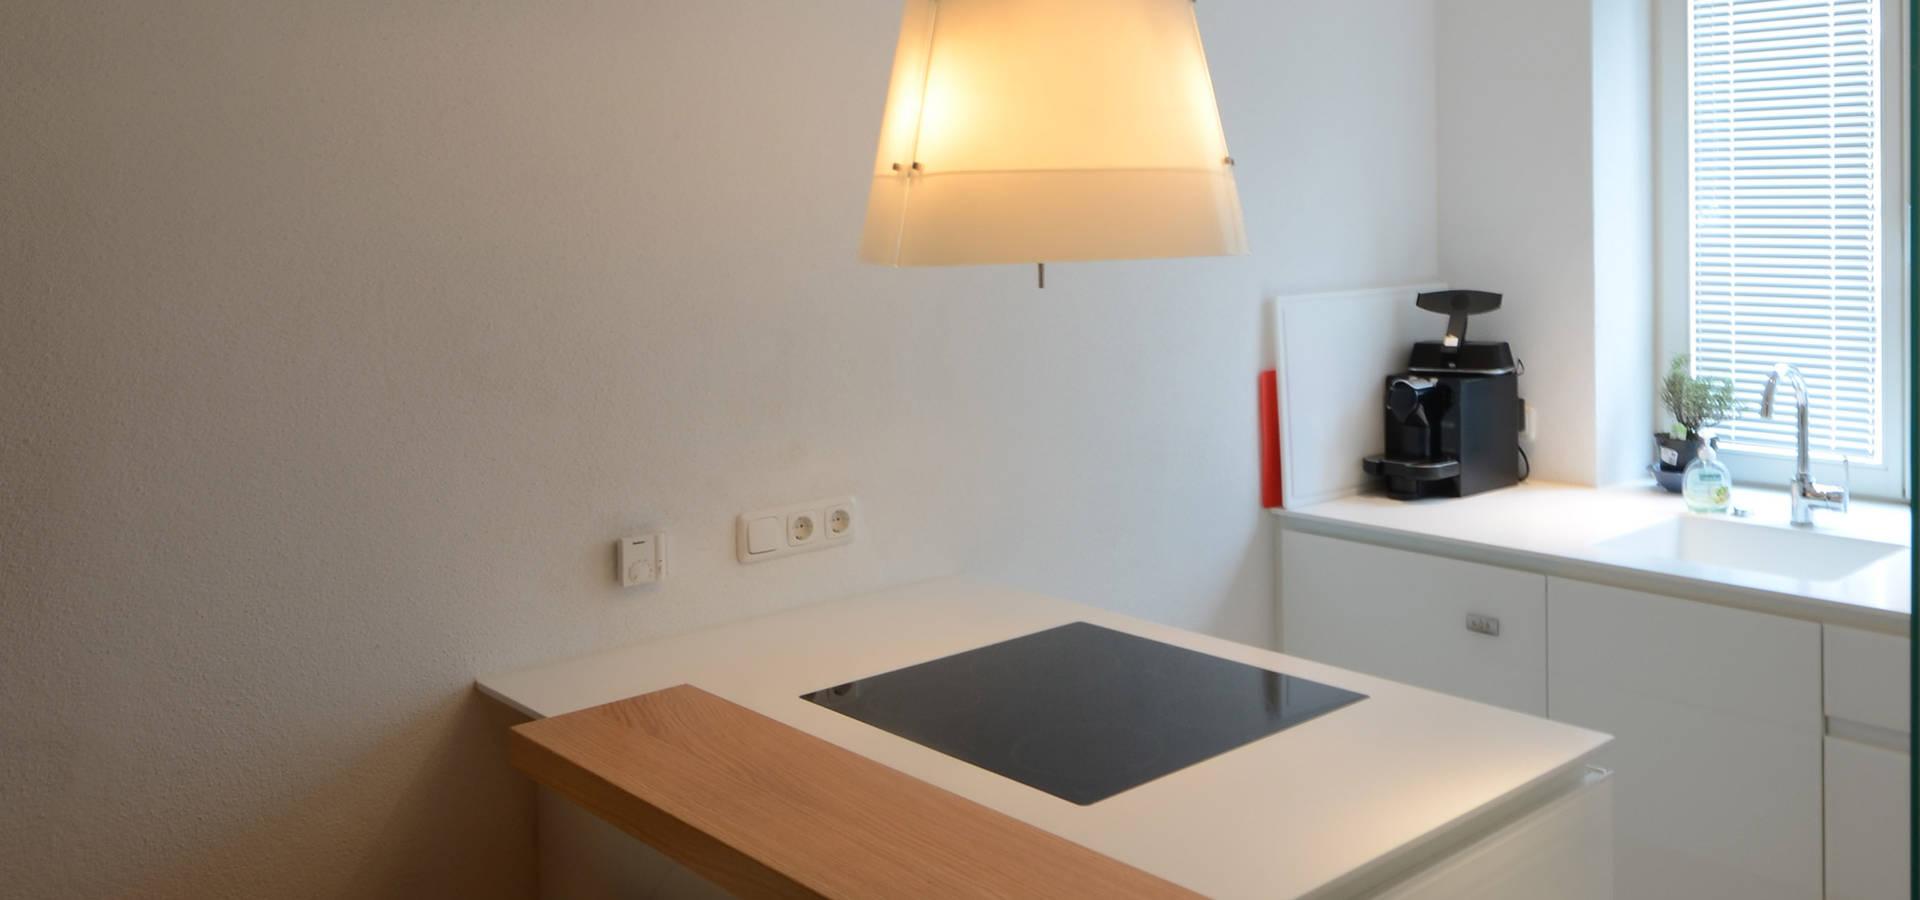 roomanddesign.com | Florian Stefan Schafhäutl